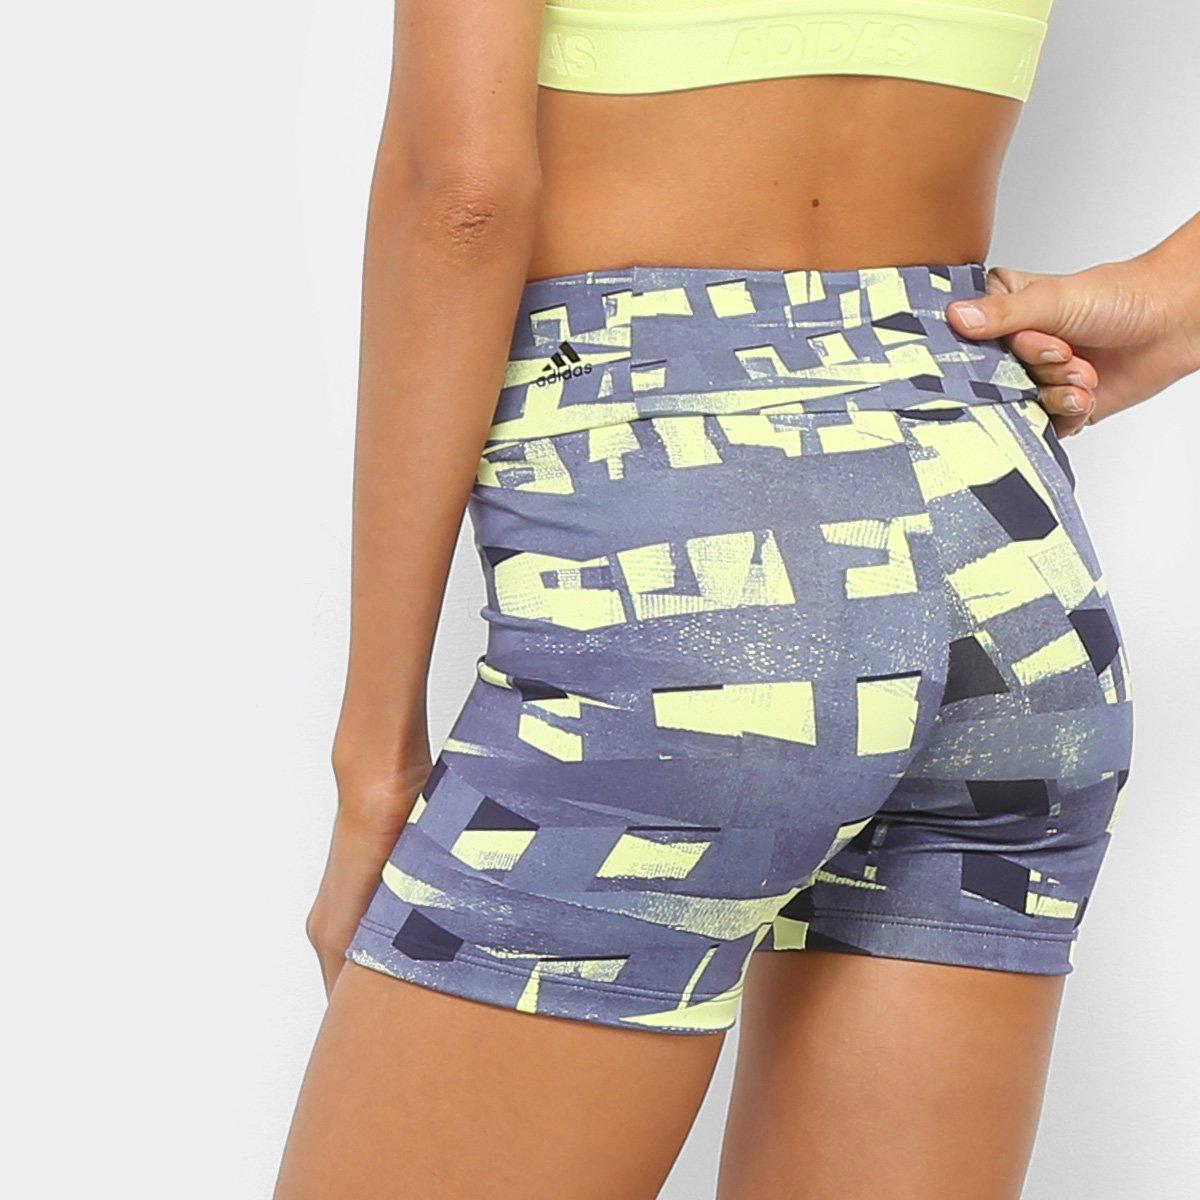 Bermuda Estampada Preto TechFit Bermuda Amarelo e Adidas Adidas Estampada Feminina TechFit Feminina FYqrgF